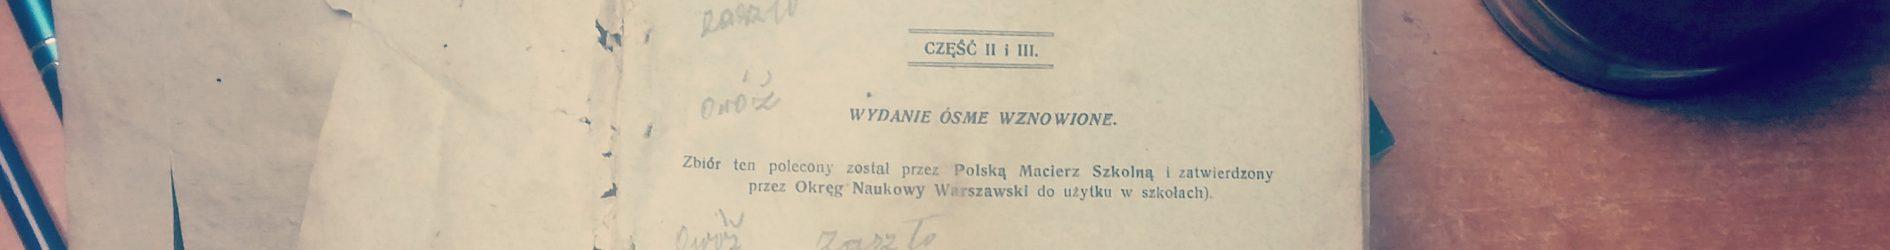 100-lecie niepodległości i matematyka w zaborze rosyjskim